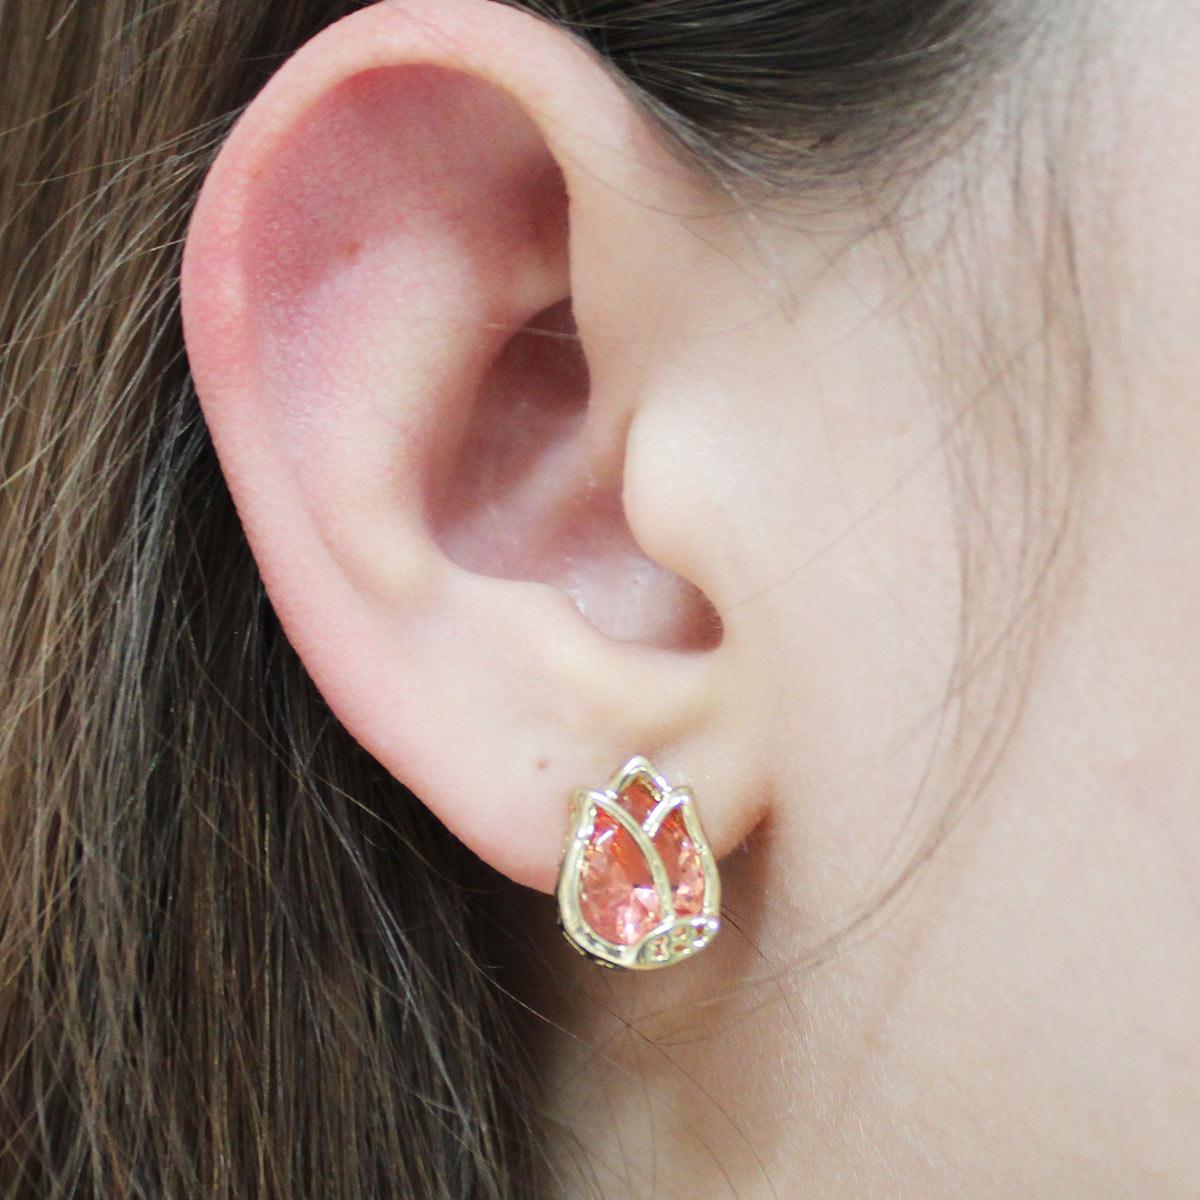 Brinco Flor de Lotus Cristal - Coral